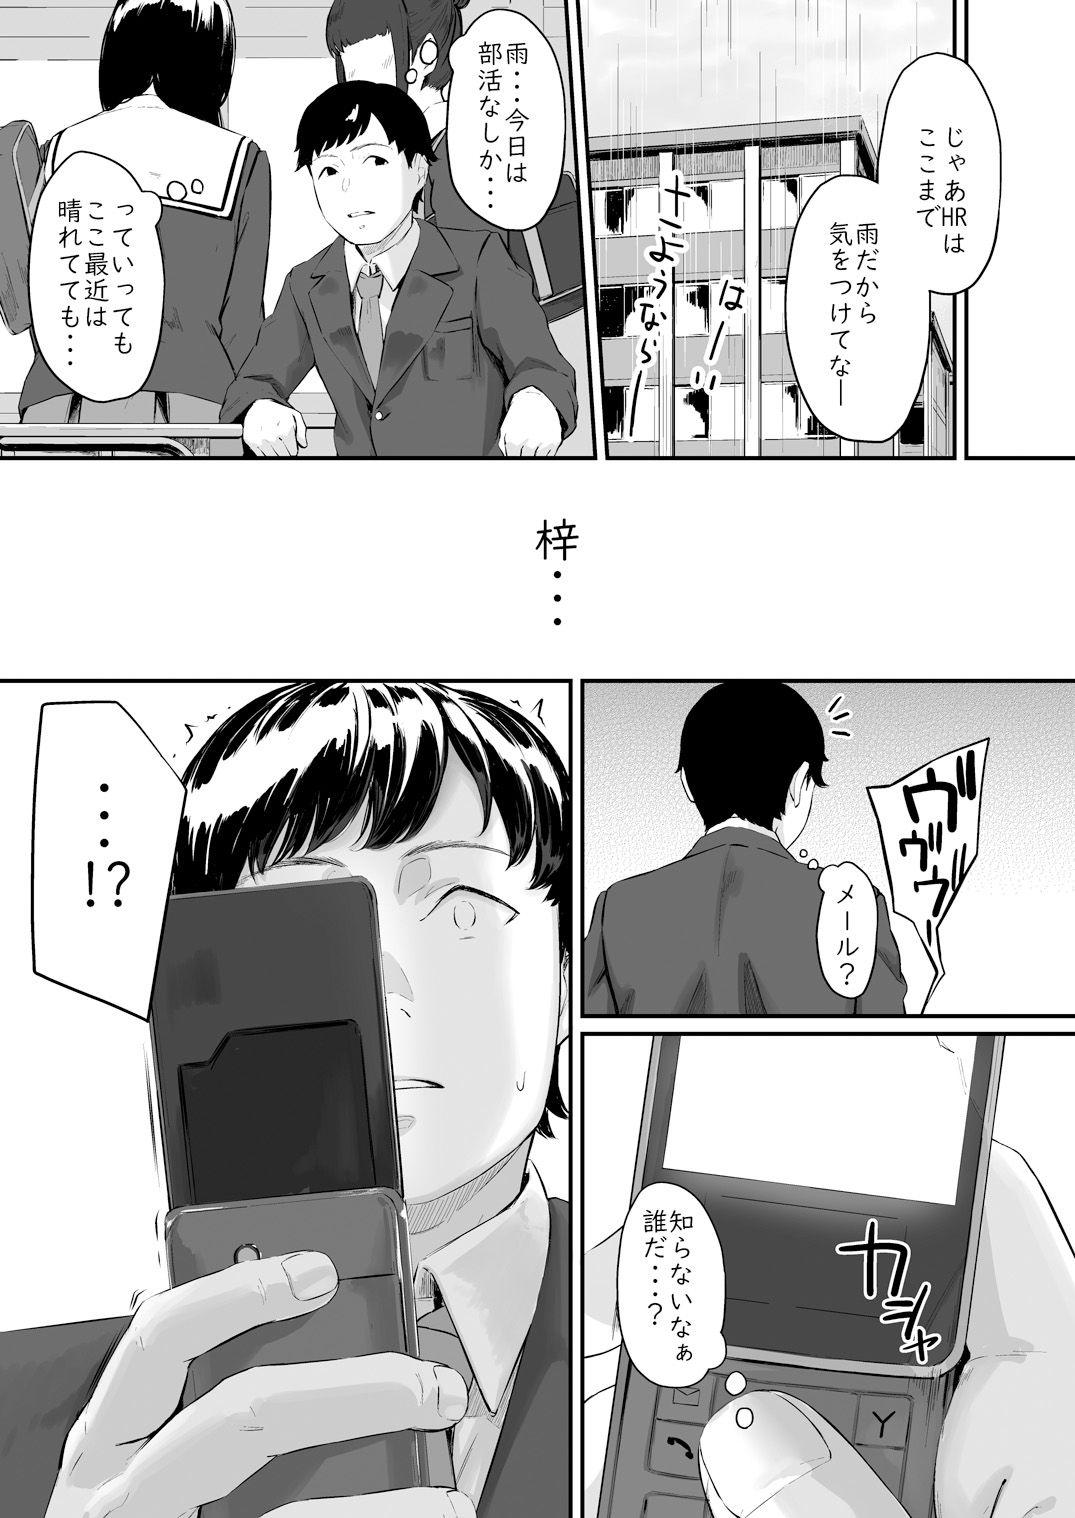 [三崎 (田スケ)] オキナグサ 狂咲 サンプル画像 02